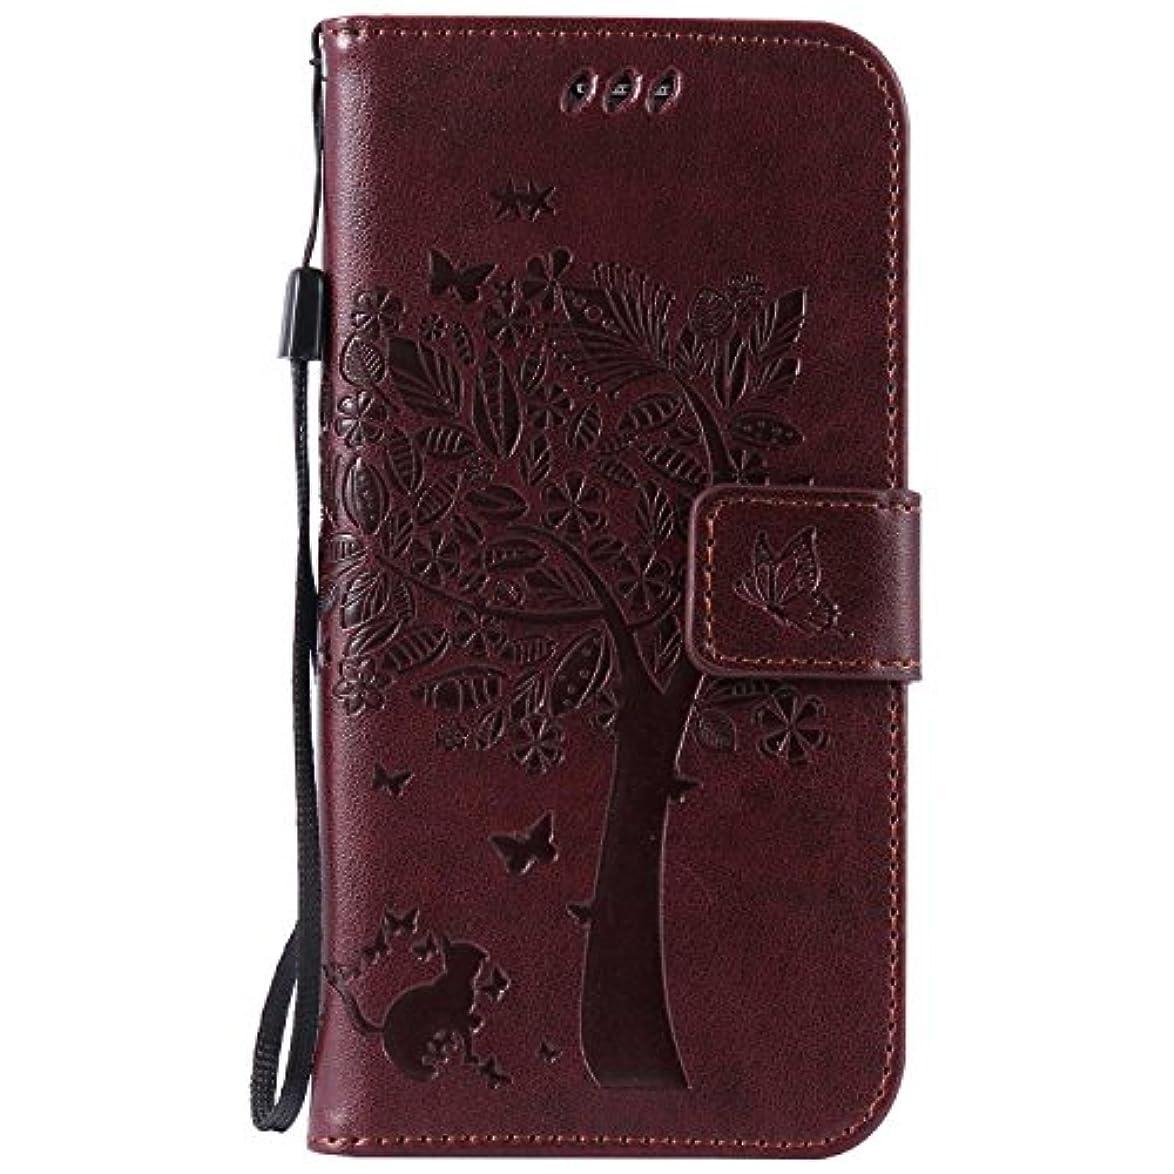 インデックス代表うまくやる()OMATENTI Galaxy S7 ケース 手帳型ケース ウォレット型 カード収納 ストラップ付き 高級感PUレザー 押し花木柄 落下防止 財布型 カバー Galaxy S7 用 Case Cover, ダークブラウン